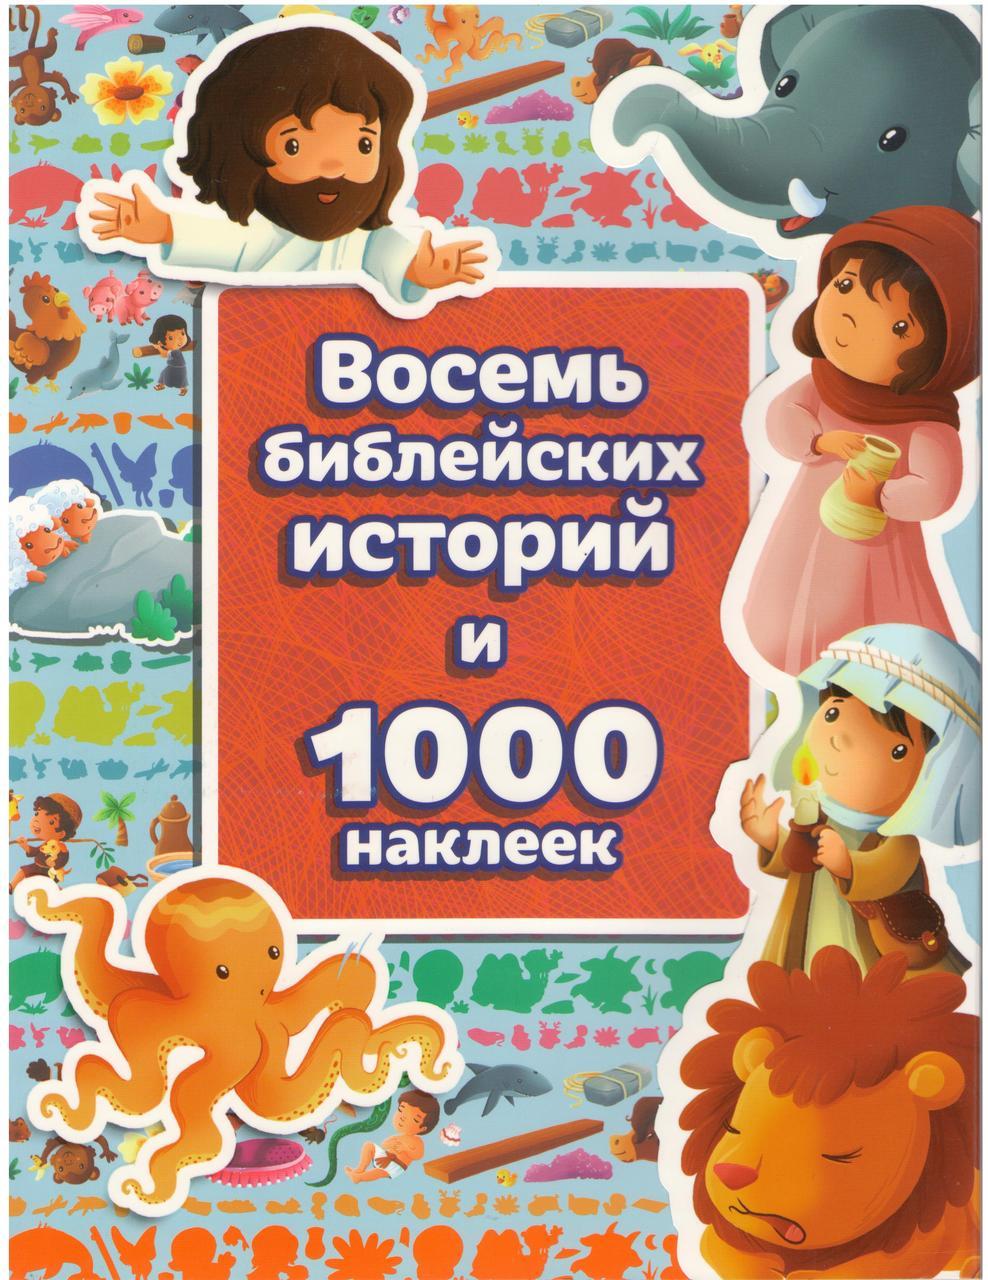 Восемь библейских историй и 10000 наклеек